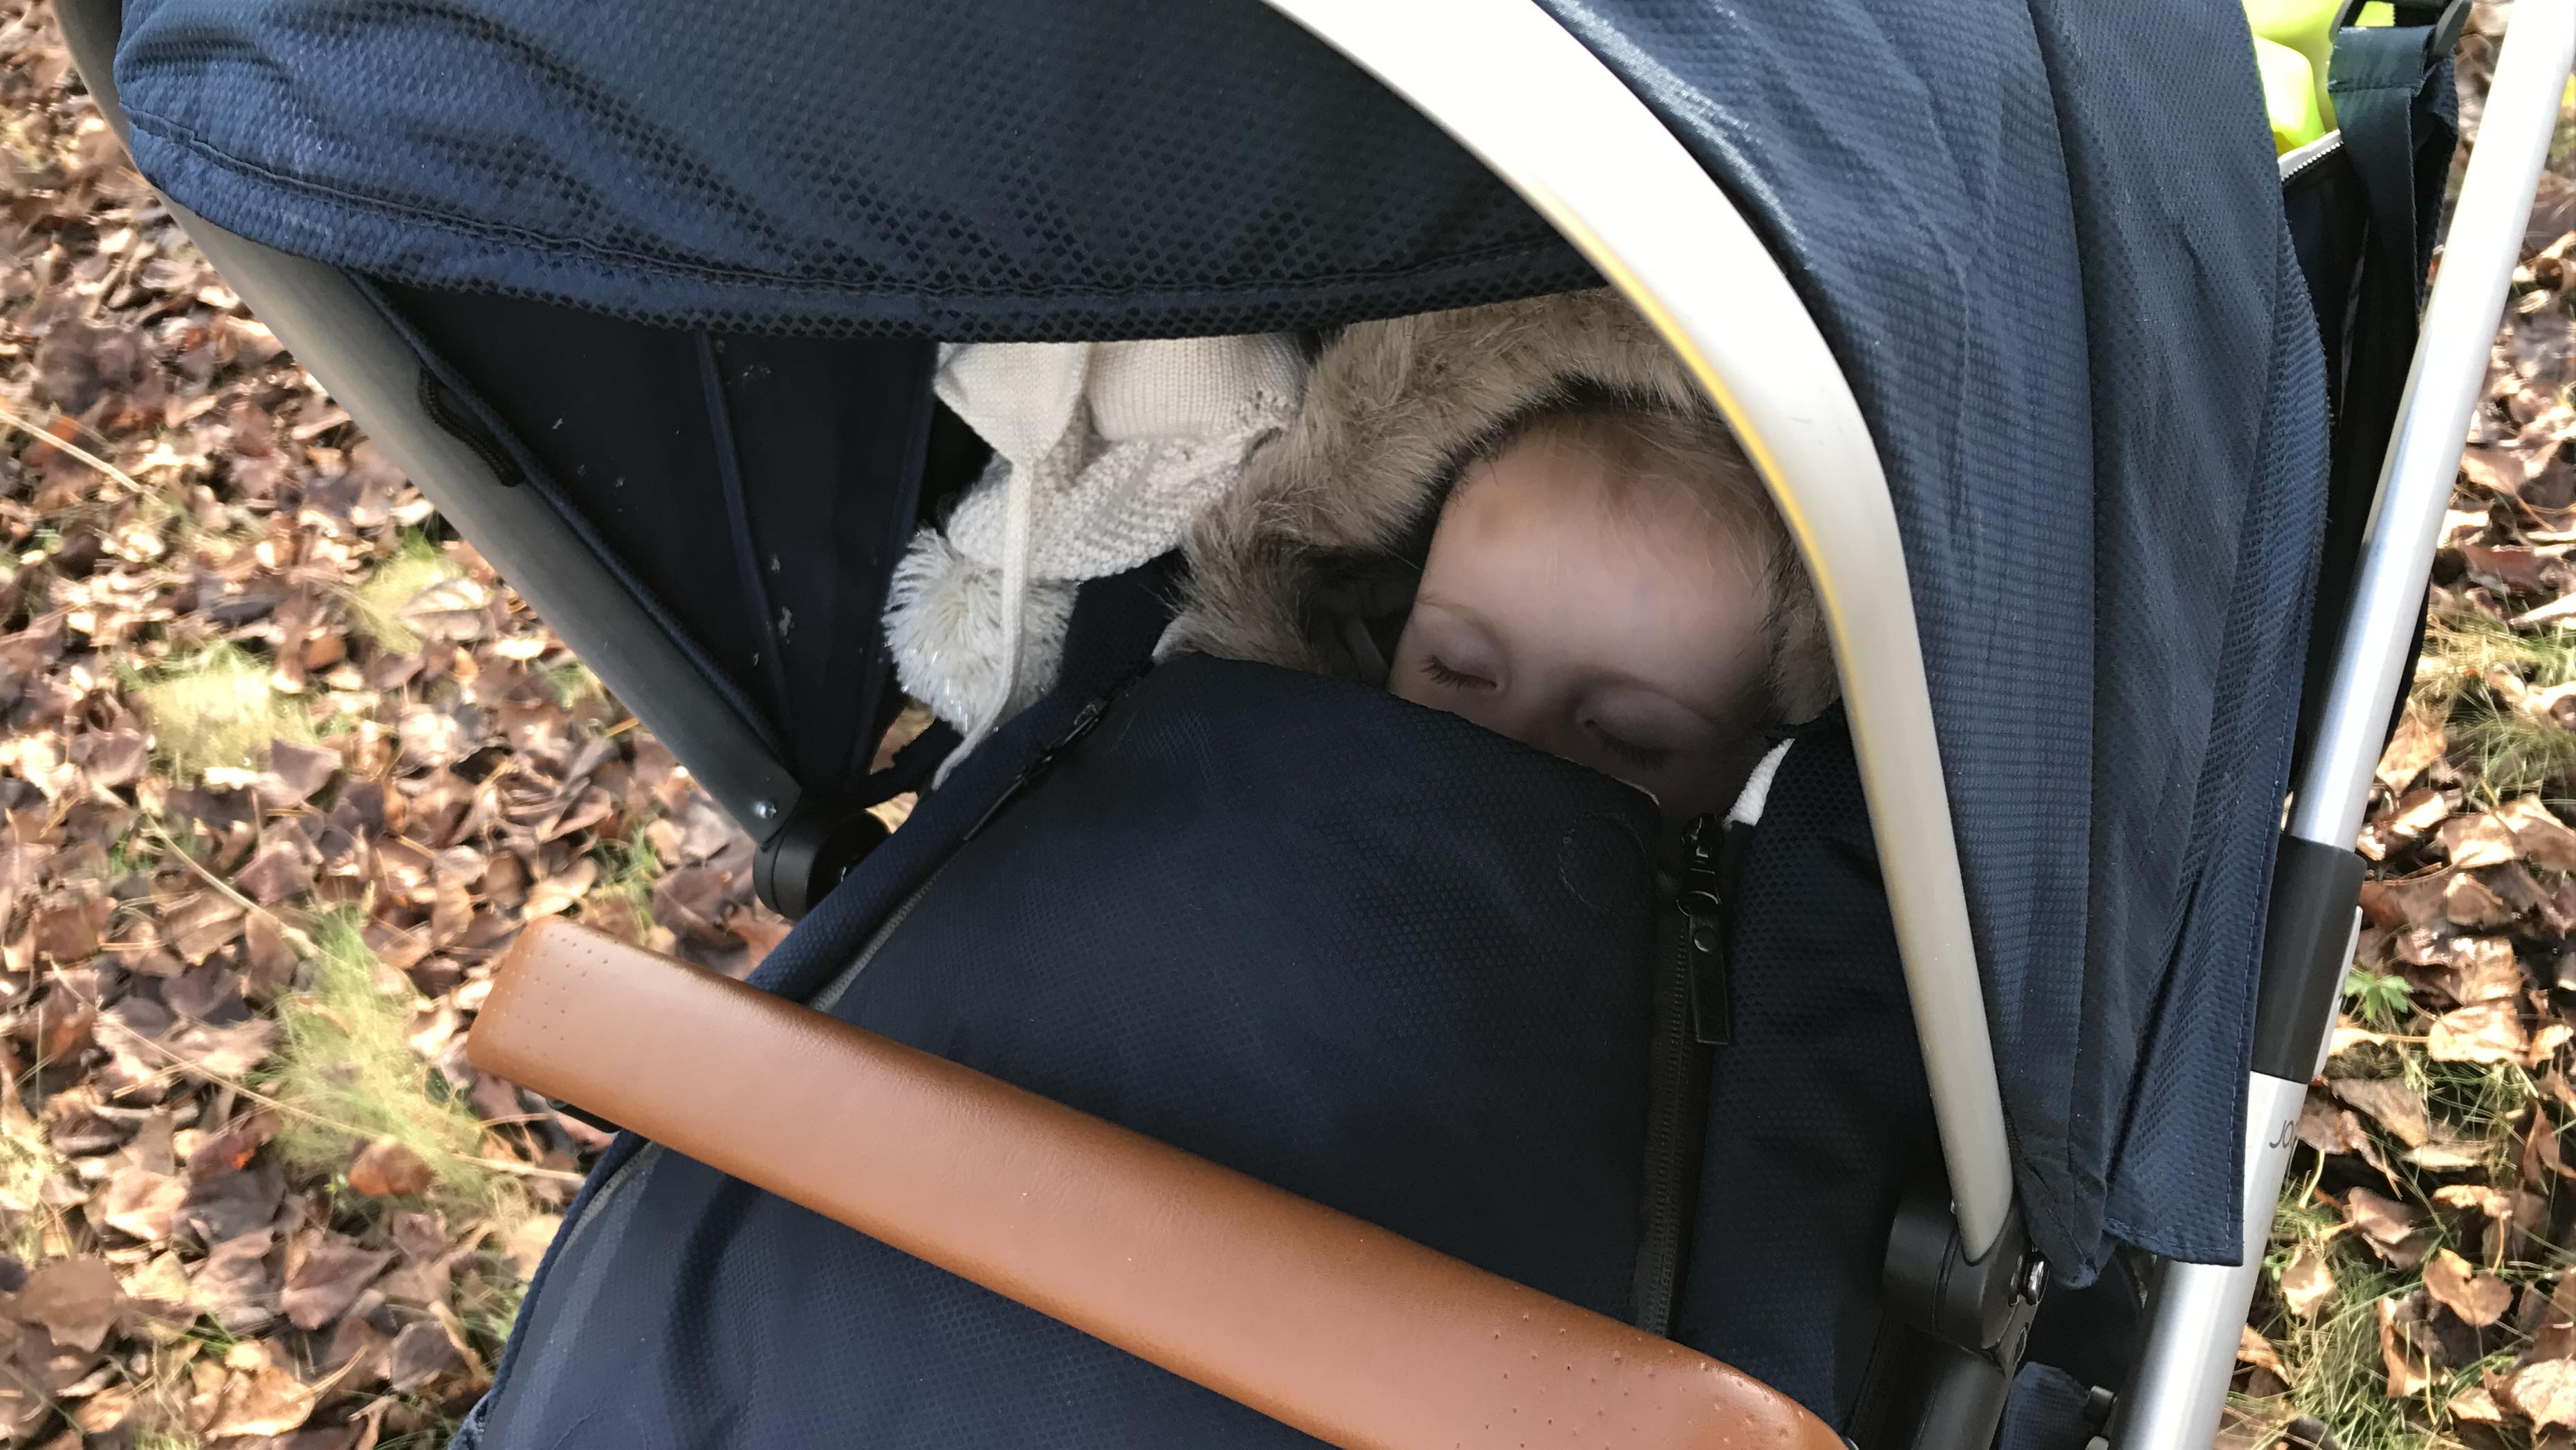 11-16-pech-onderweg-autopechanwb-kinderen-kleine-baby-kind-wat-doen-alarm-uit-de-auto-ervaring-nanny-moeder-amsterdam-slapen